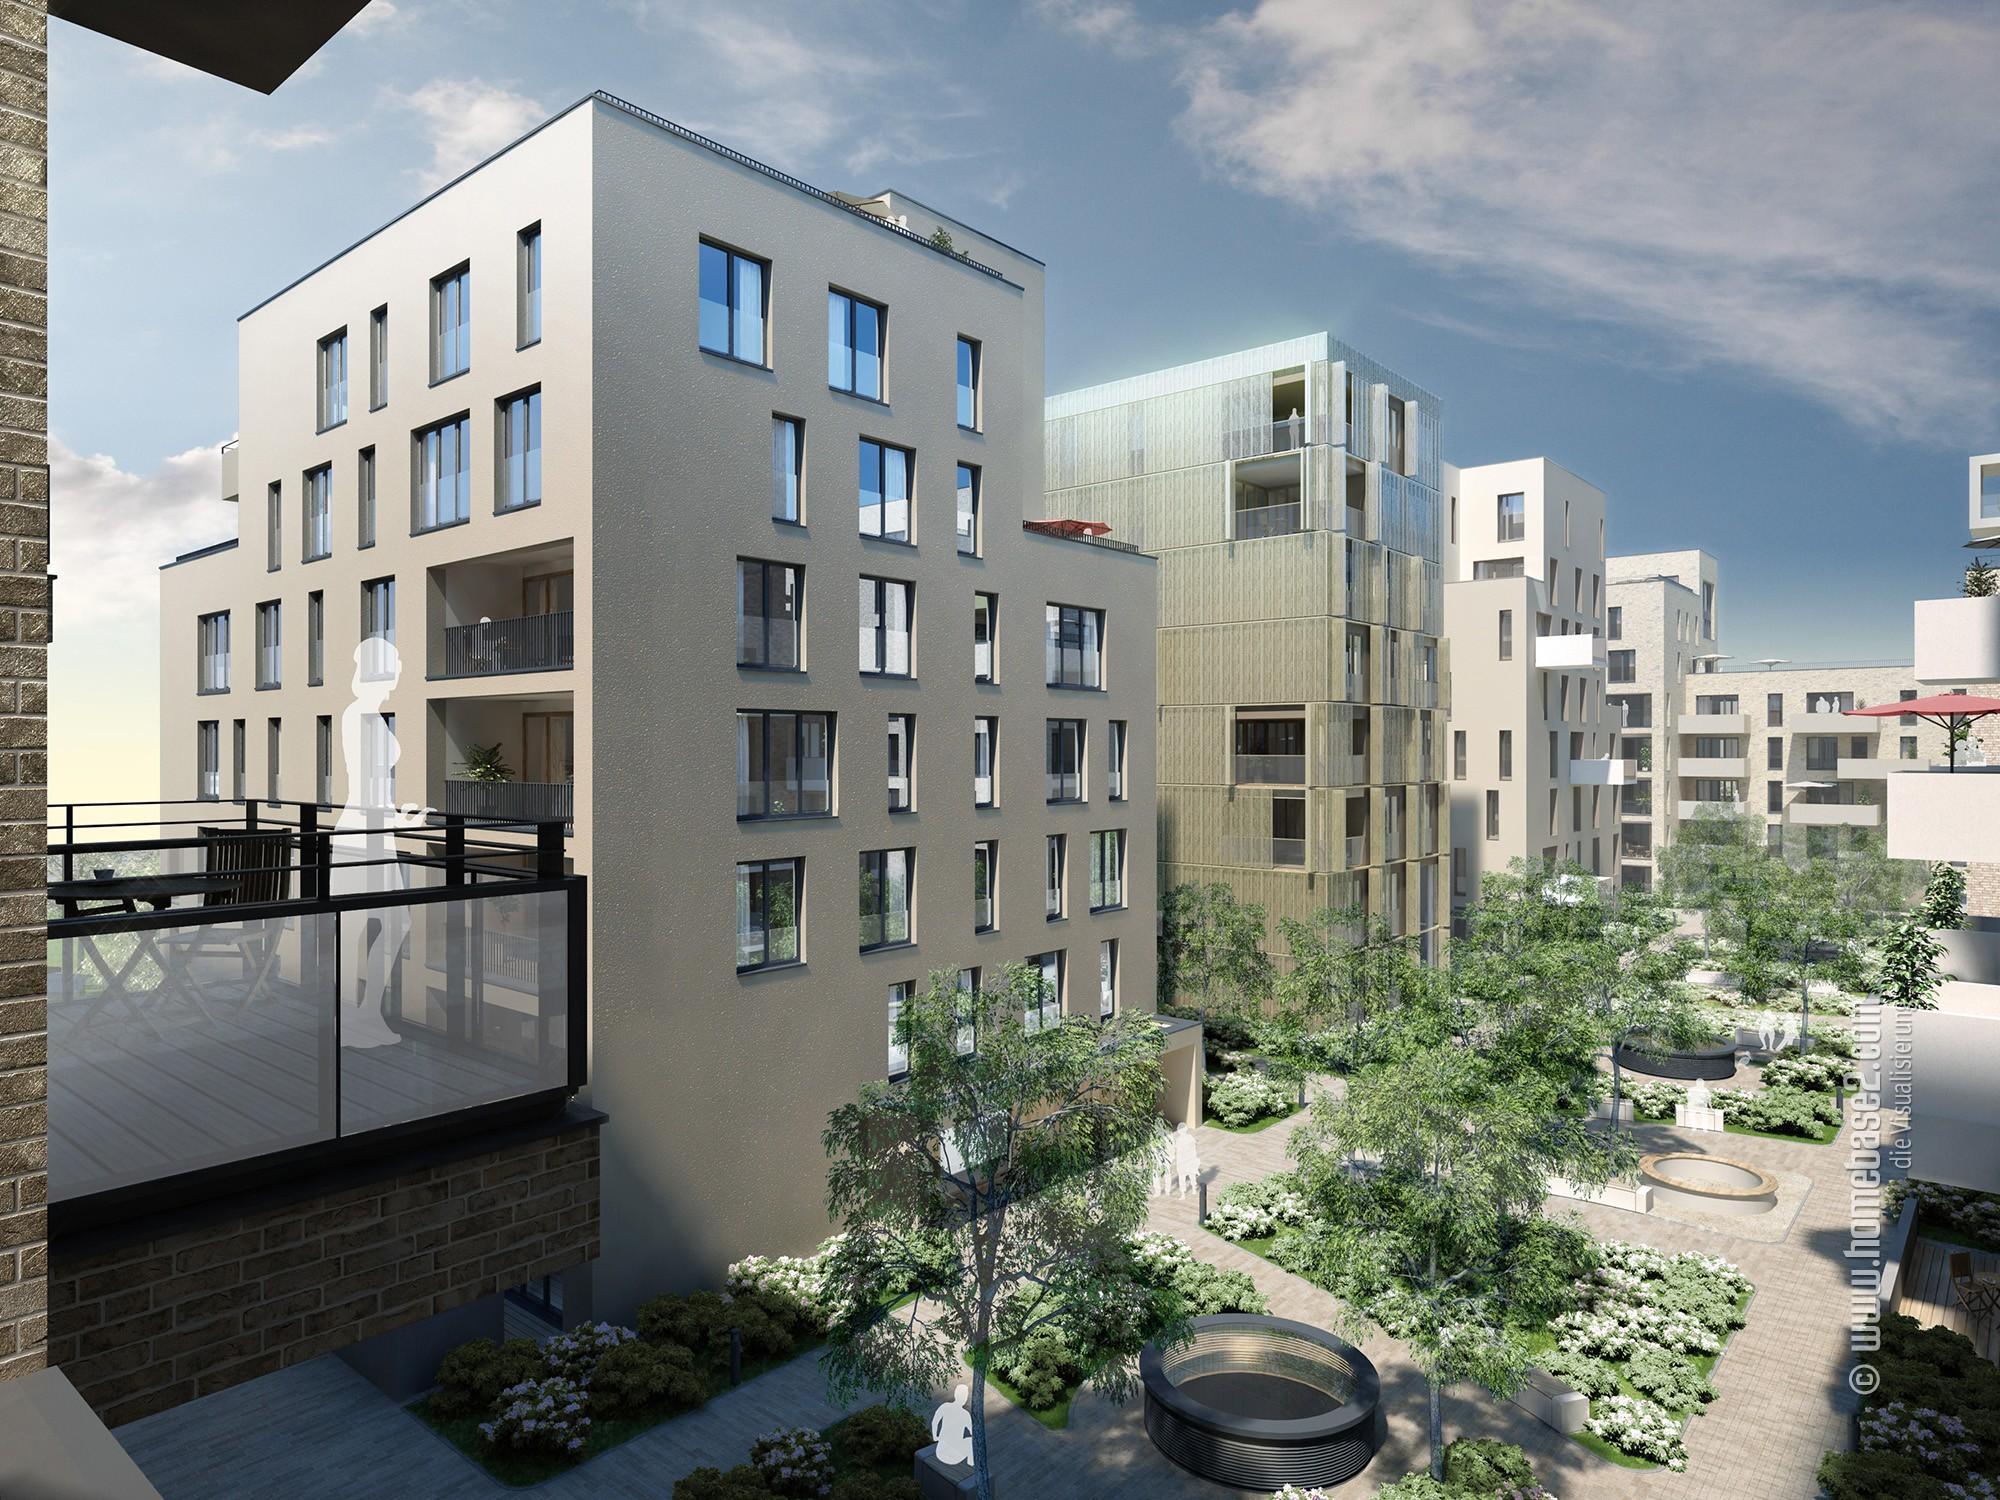 gundlach pelikanviertel hannover au enperspektiven homebase2. Black Bedroom Furniture Sets. Home Design Ideas